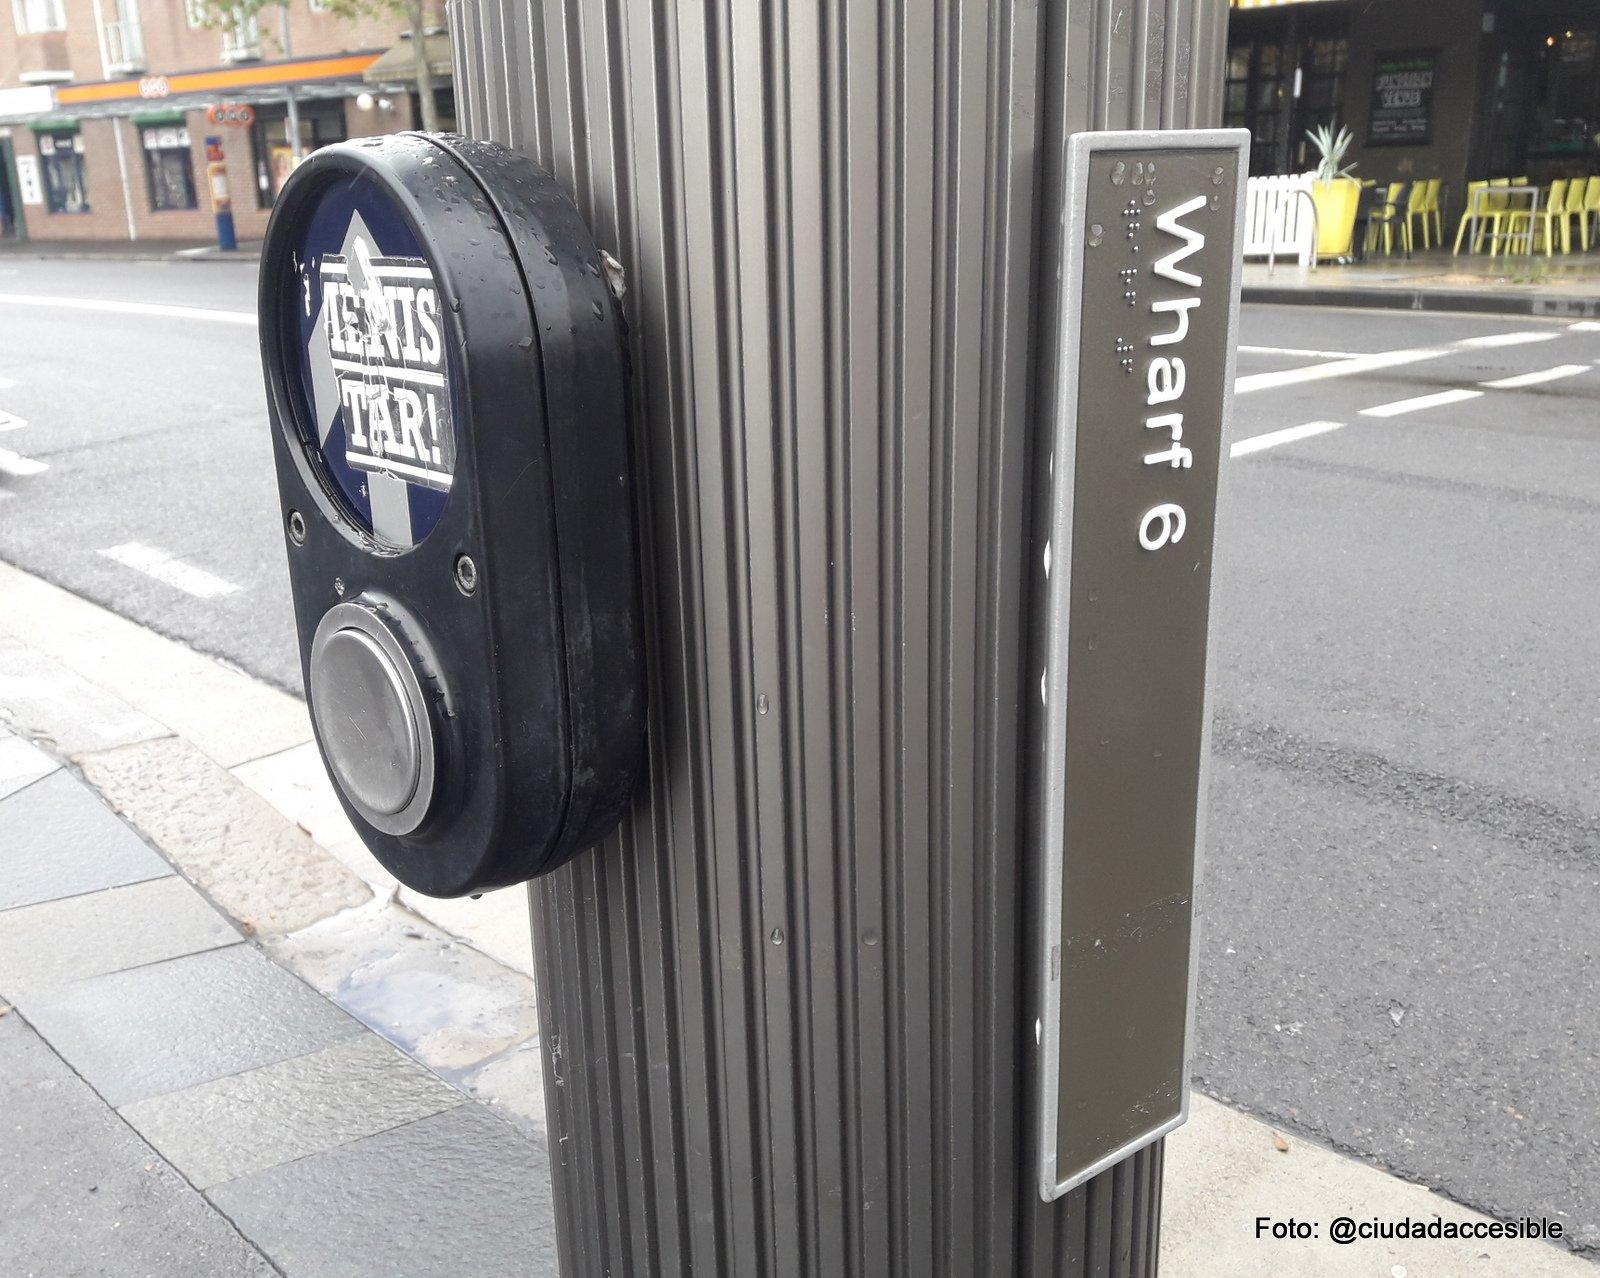 aparato que emite señal audible en cruce peatonal en Sydney ademas de placa en Braille que indica el nombre de la calle